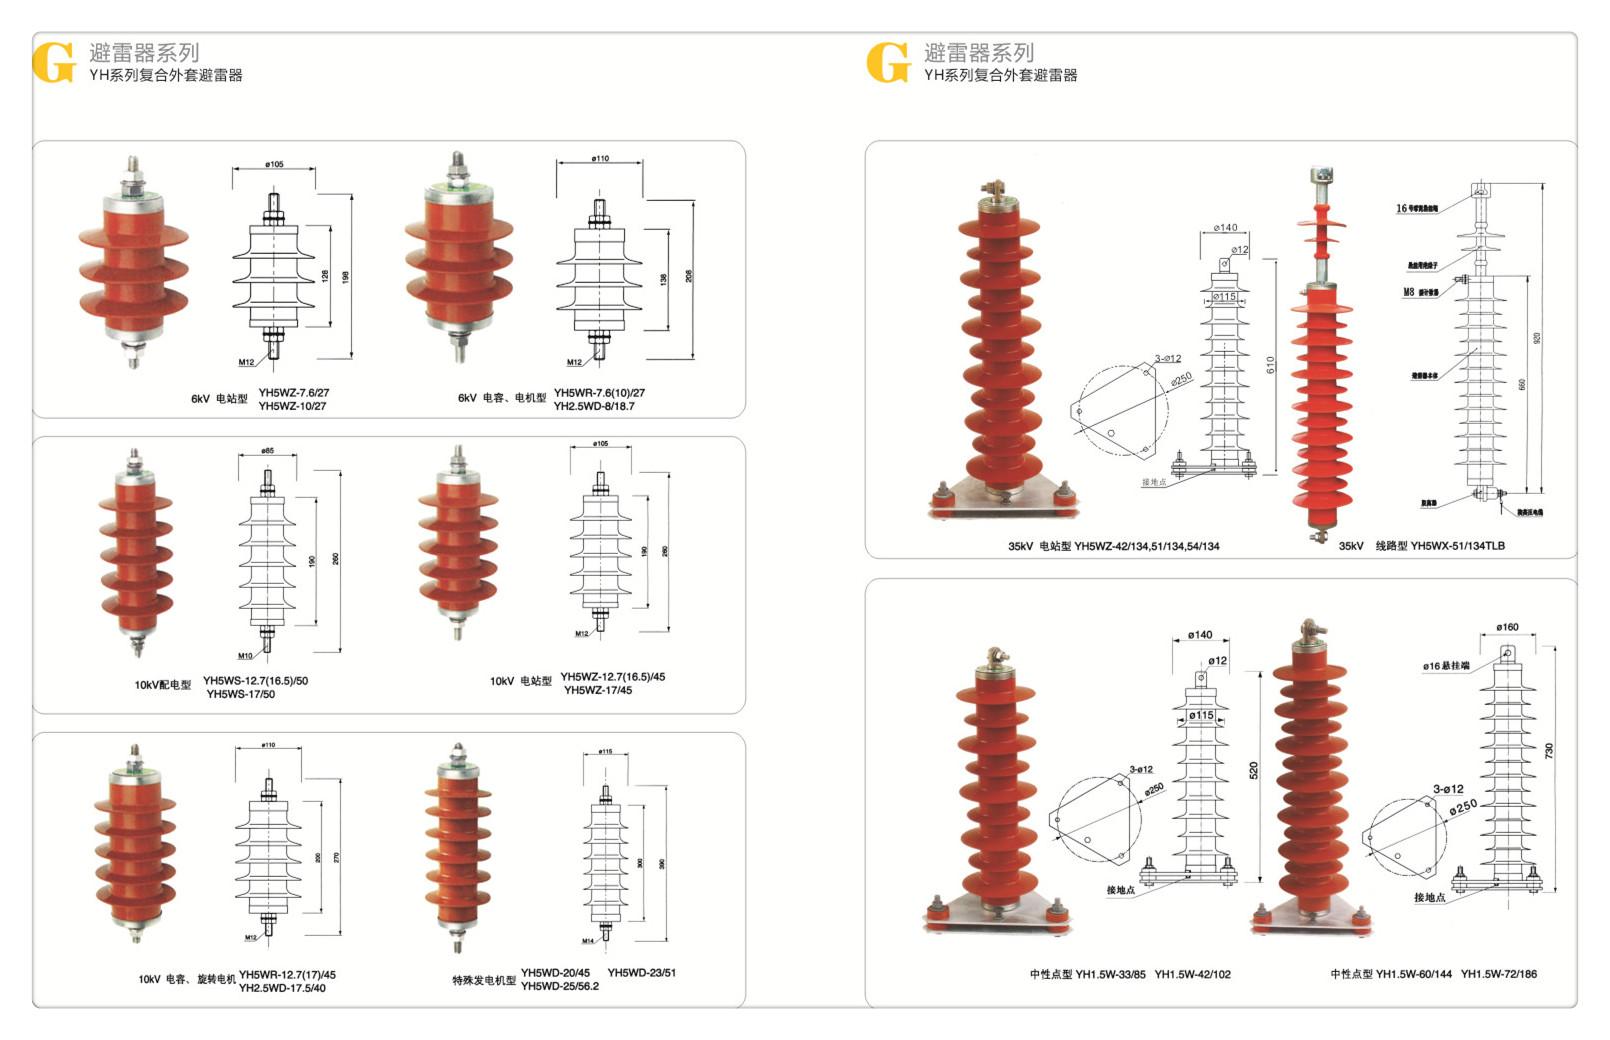 三叉电器产品电路图